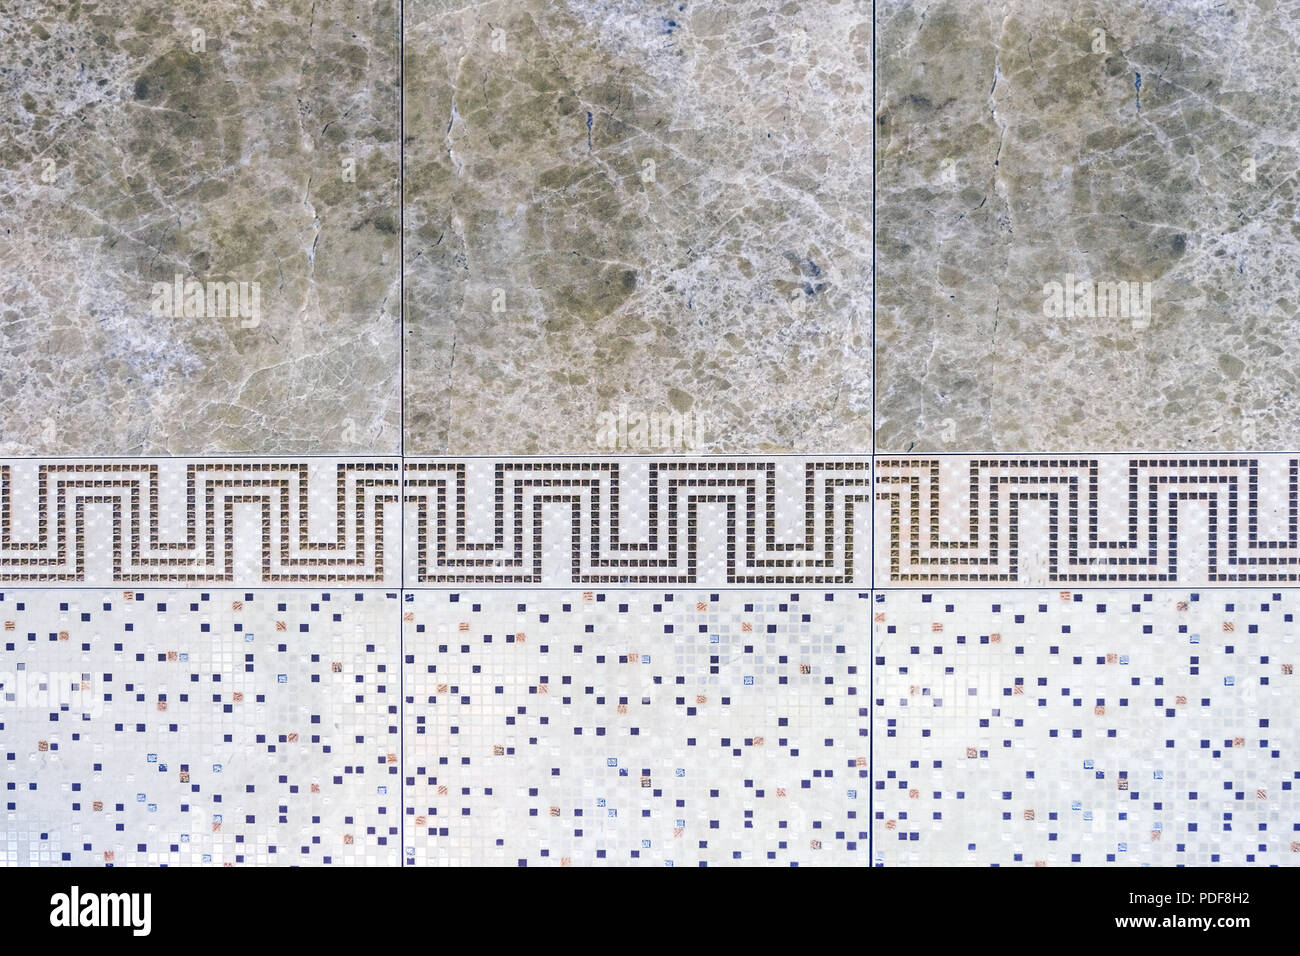 Piastrelle in ceramica con ornamenti. un mosaico di piastrelle in